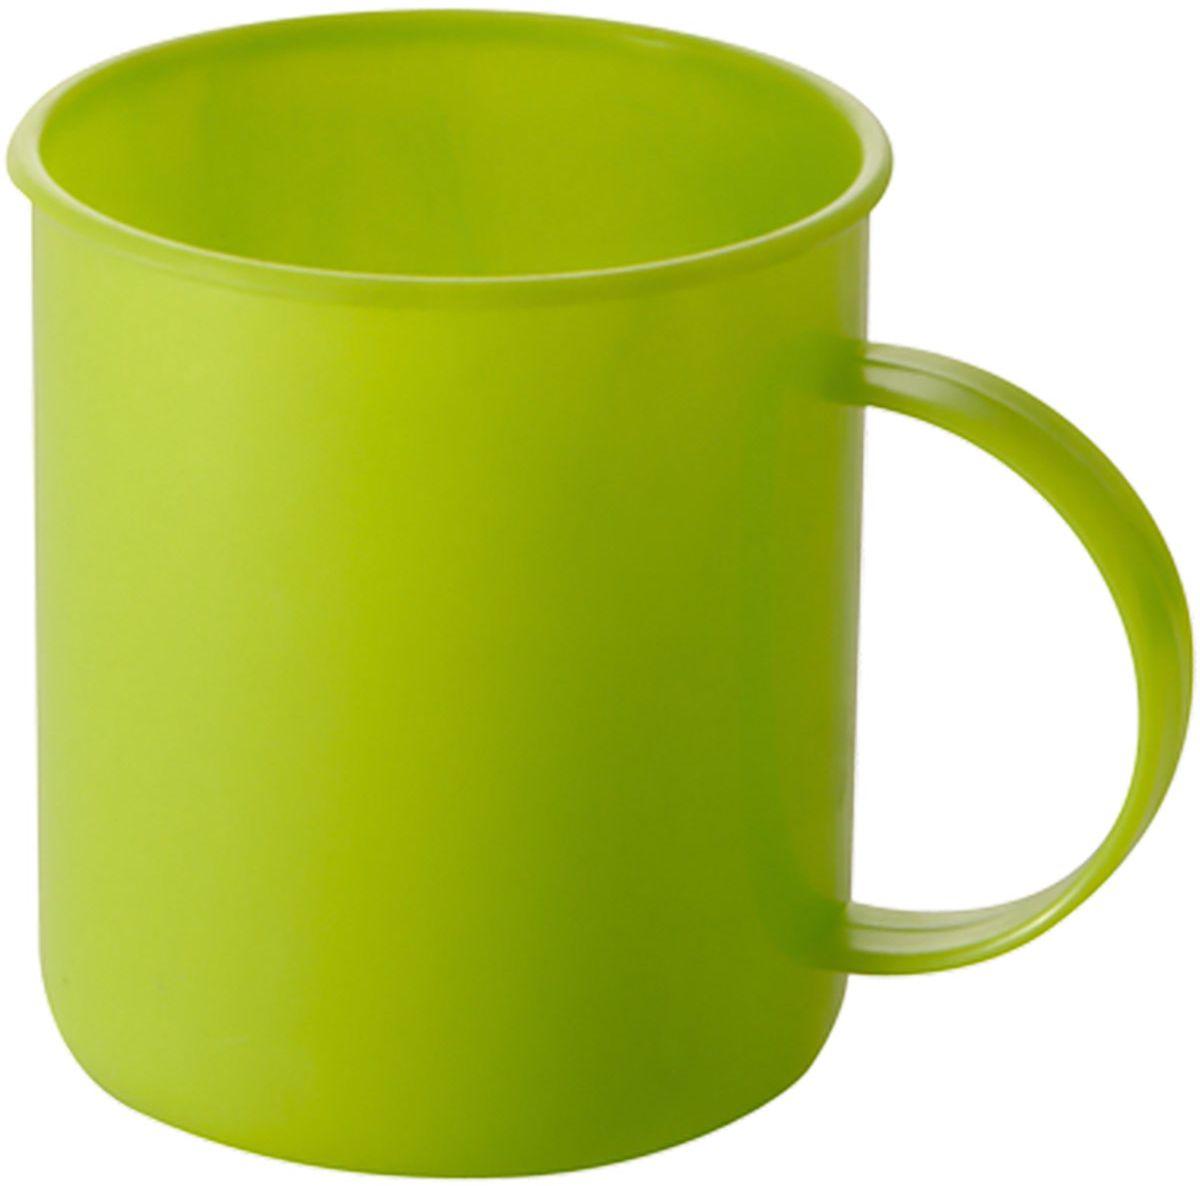 Кружка Plastic Centre Счастье, цвет: светло-зеленый, 0,3 лПЦ1431ЛМНаша кружка прекрасно подойдет для дачи, пикника или поездки в поезде. Легкую кружку удобно взять с собой на природу. Яркие цвета и привлекательный дизайн создадут уютную атмосферу и дополнят интерьер дачи. Прочный пластик подходит для многократного использования. Объем 0,3 л.